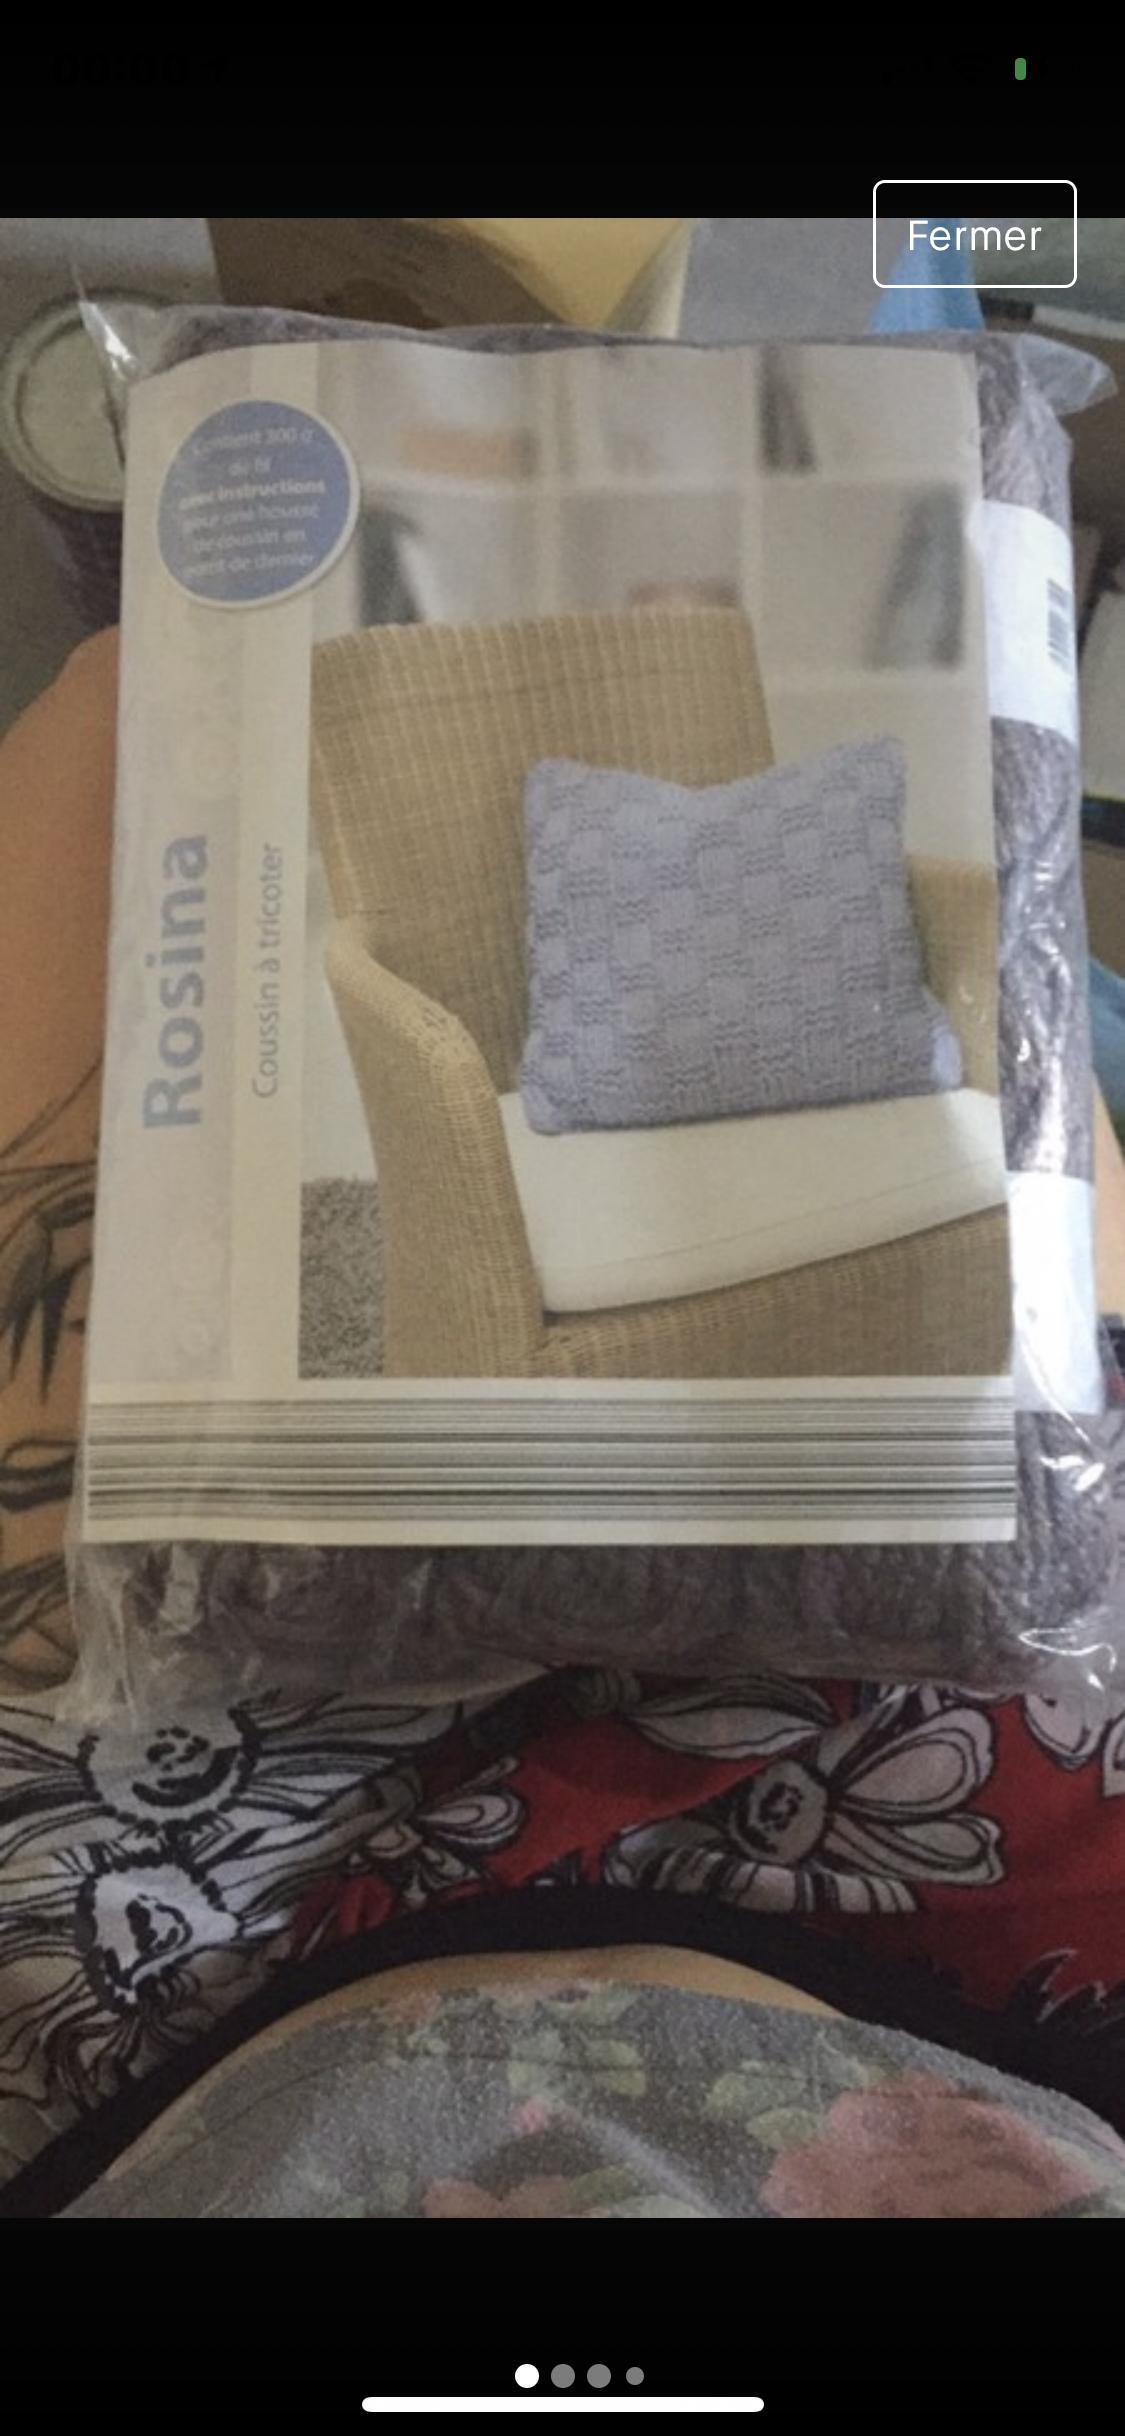 troc de troc *reservé* neuf  joli coussin à tricoter image 0